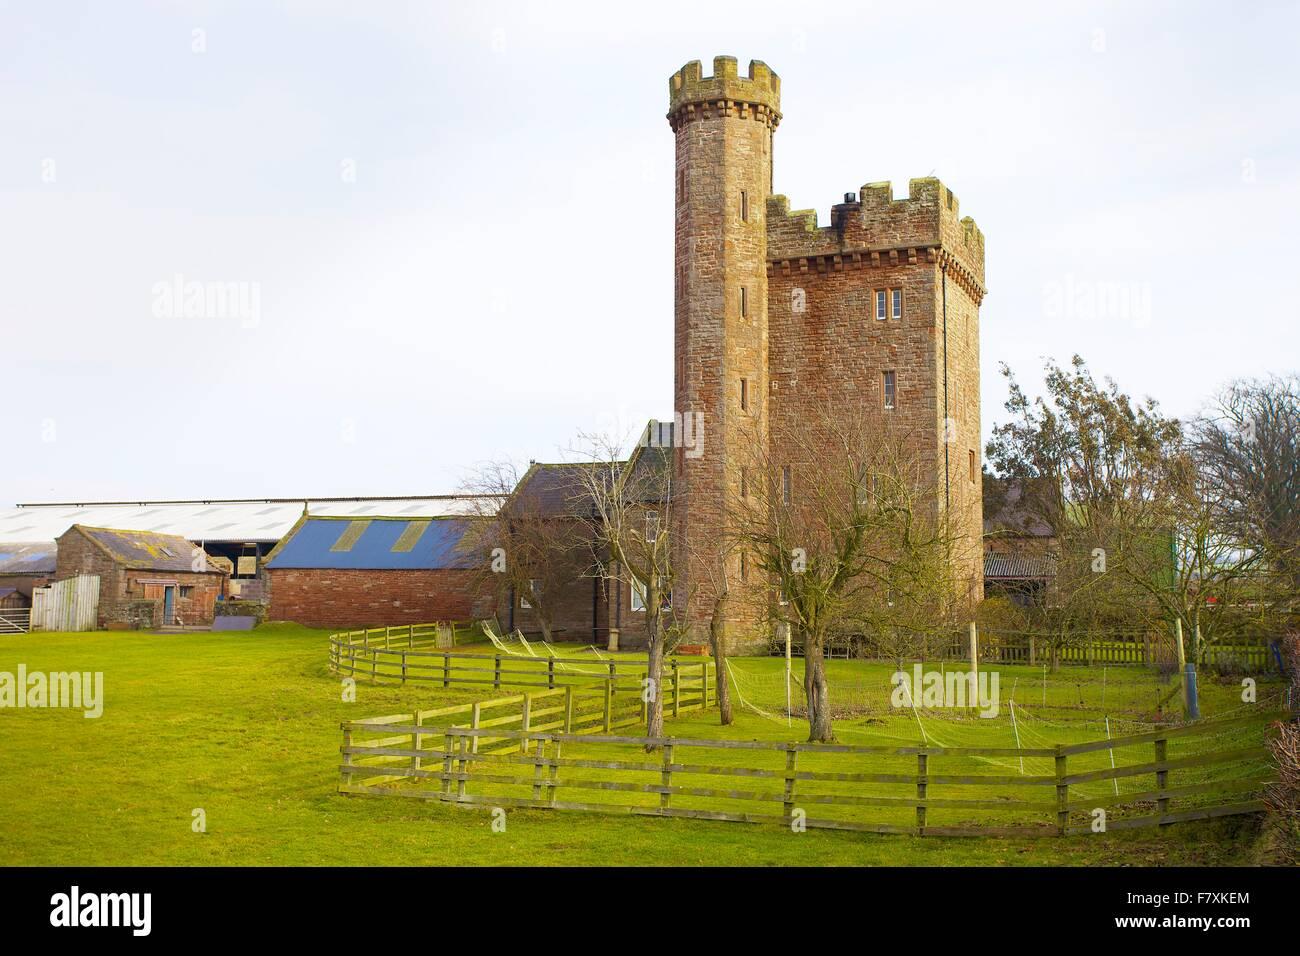 Toppin Castle imitation tower house, Warwick Bridge, Cumbria, England, UK. - Stock Image